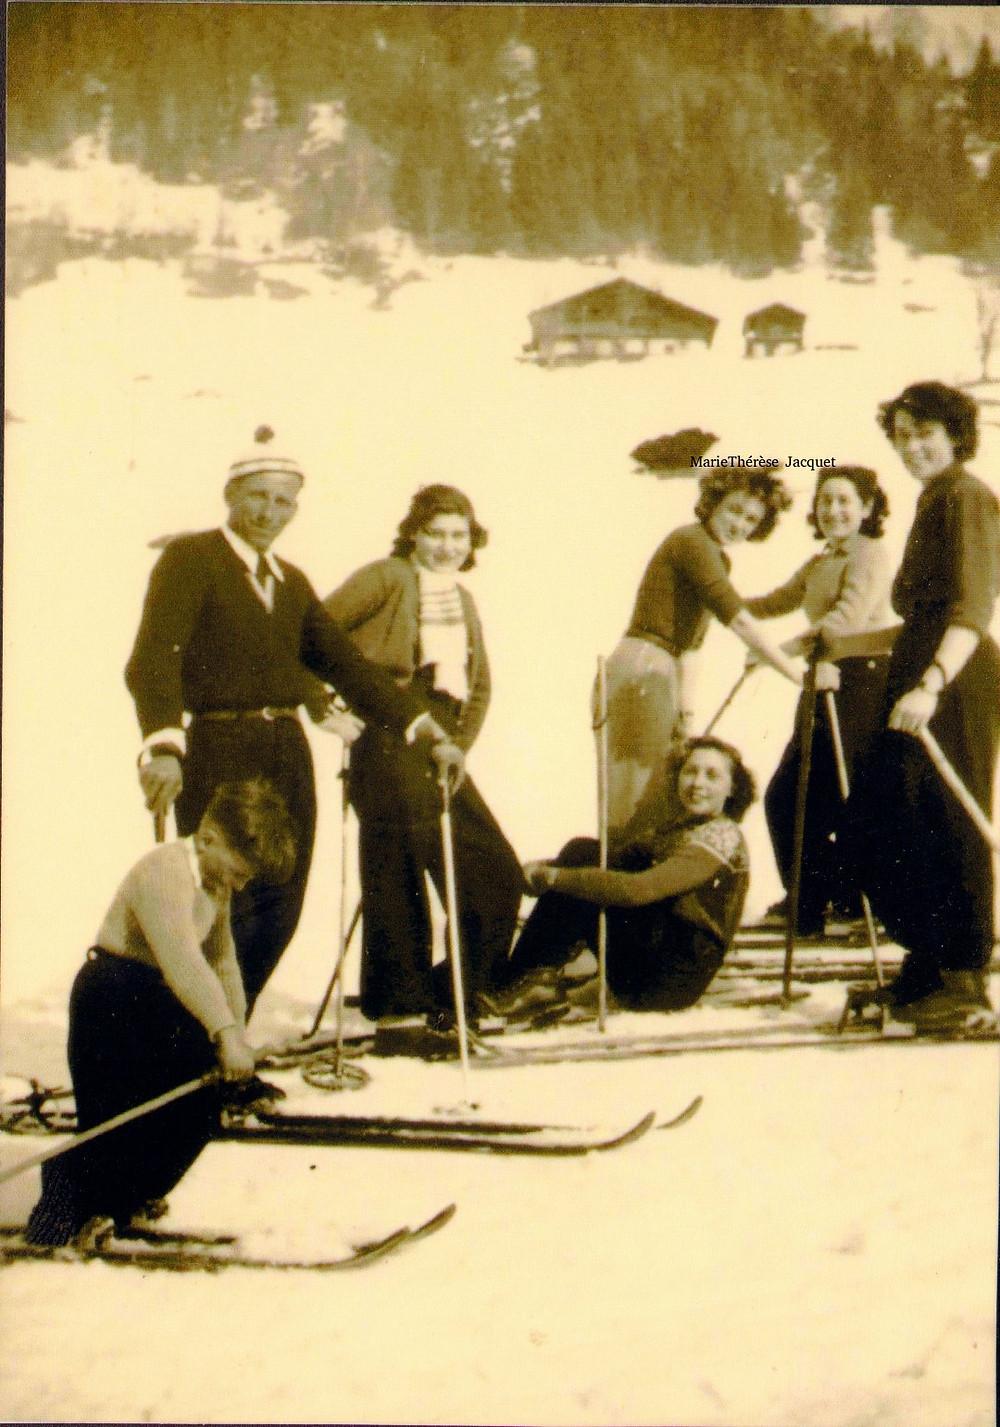 un cours de ski, j'ai su le nom du moniteur